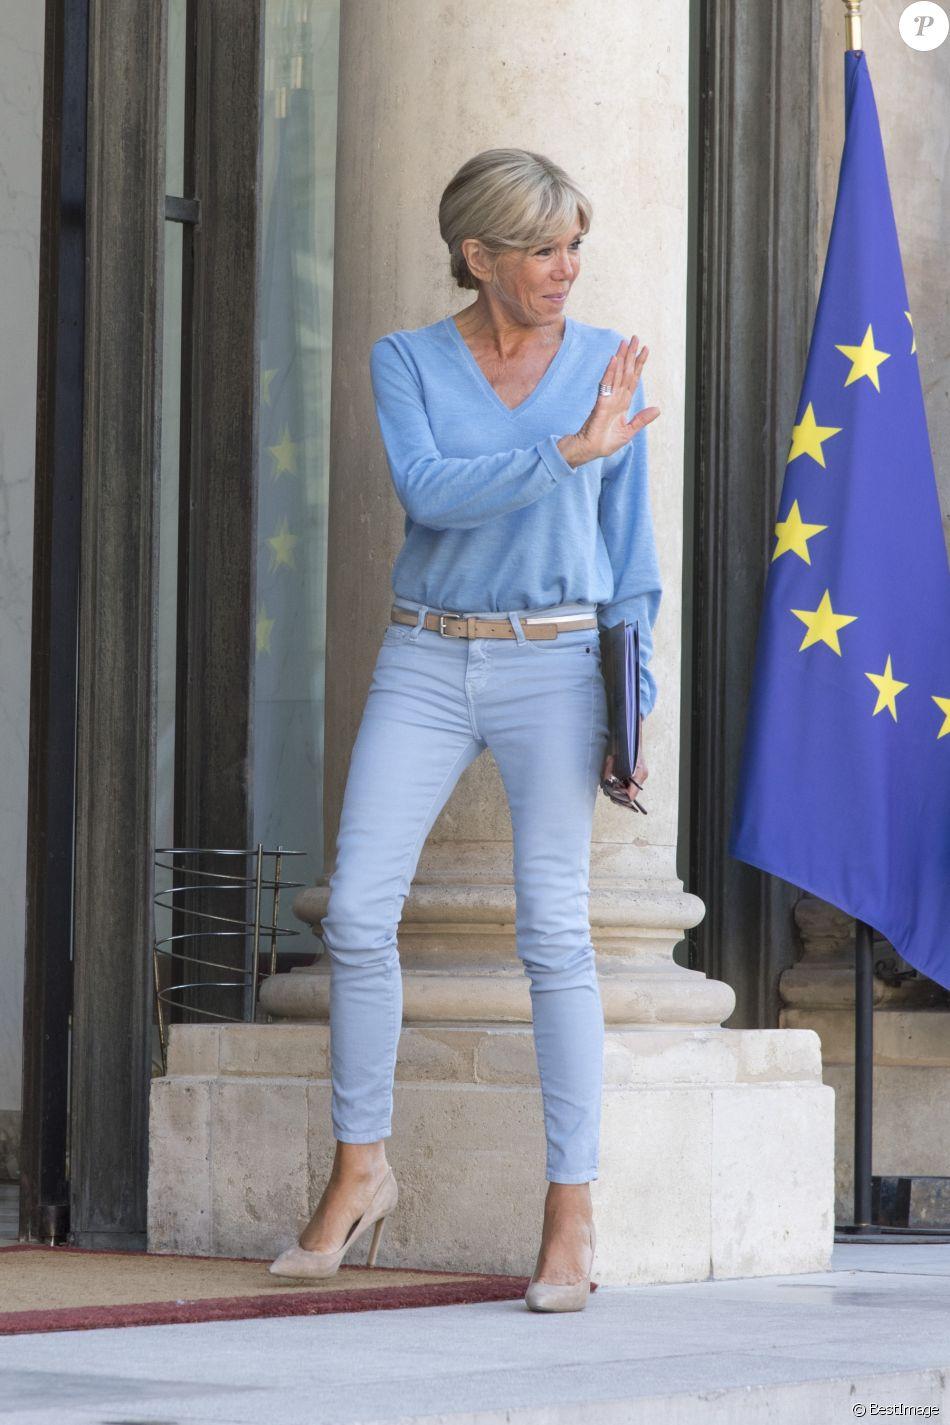 Le Première dame Brigitte Macron - Le président de la République française a reçu l'ancien gouverneur de Californie et acteur Arnold Schwarzenegger au palais l'Elysée à Paris, le 23 juin 2017. © Pierre Perusseau/Bestimage